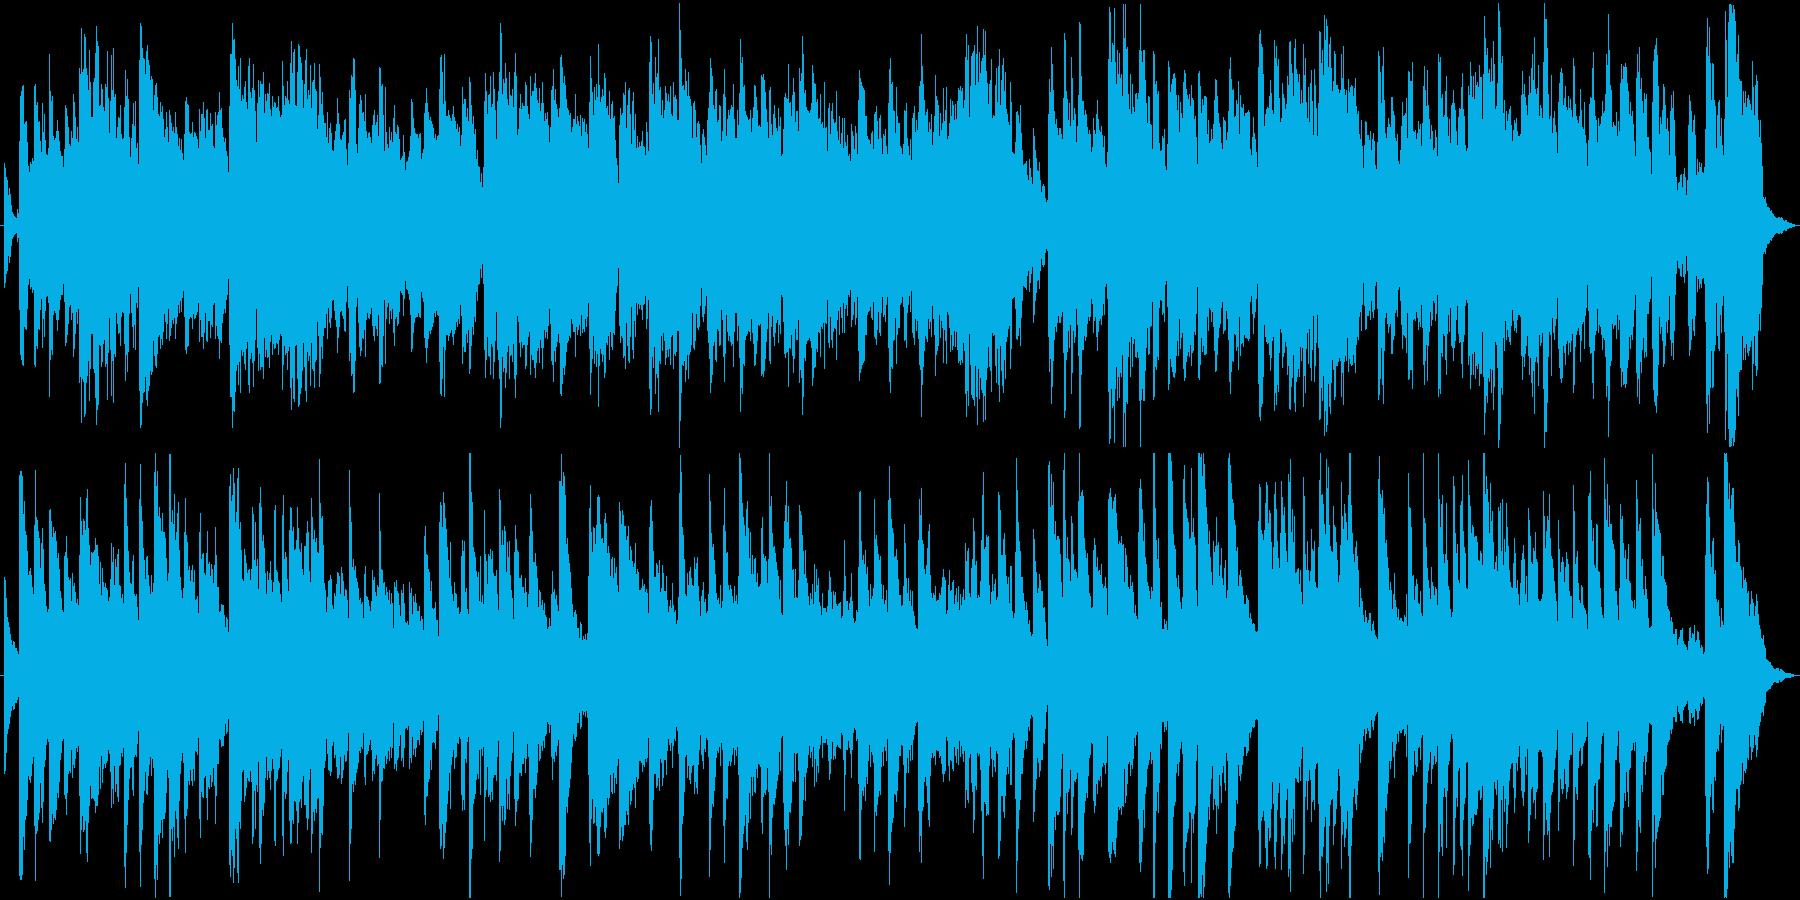 ヴァイオリンとピアノの美しい雰囲気の曲の再生済みの波形